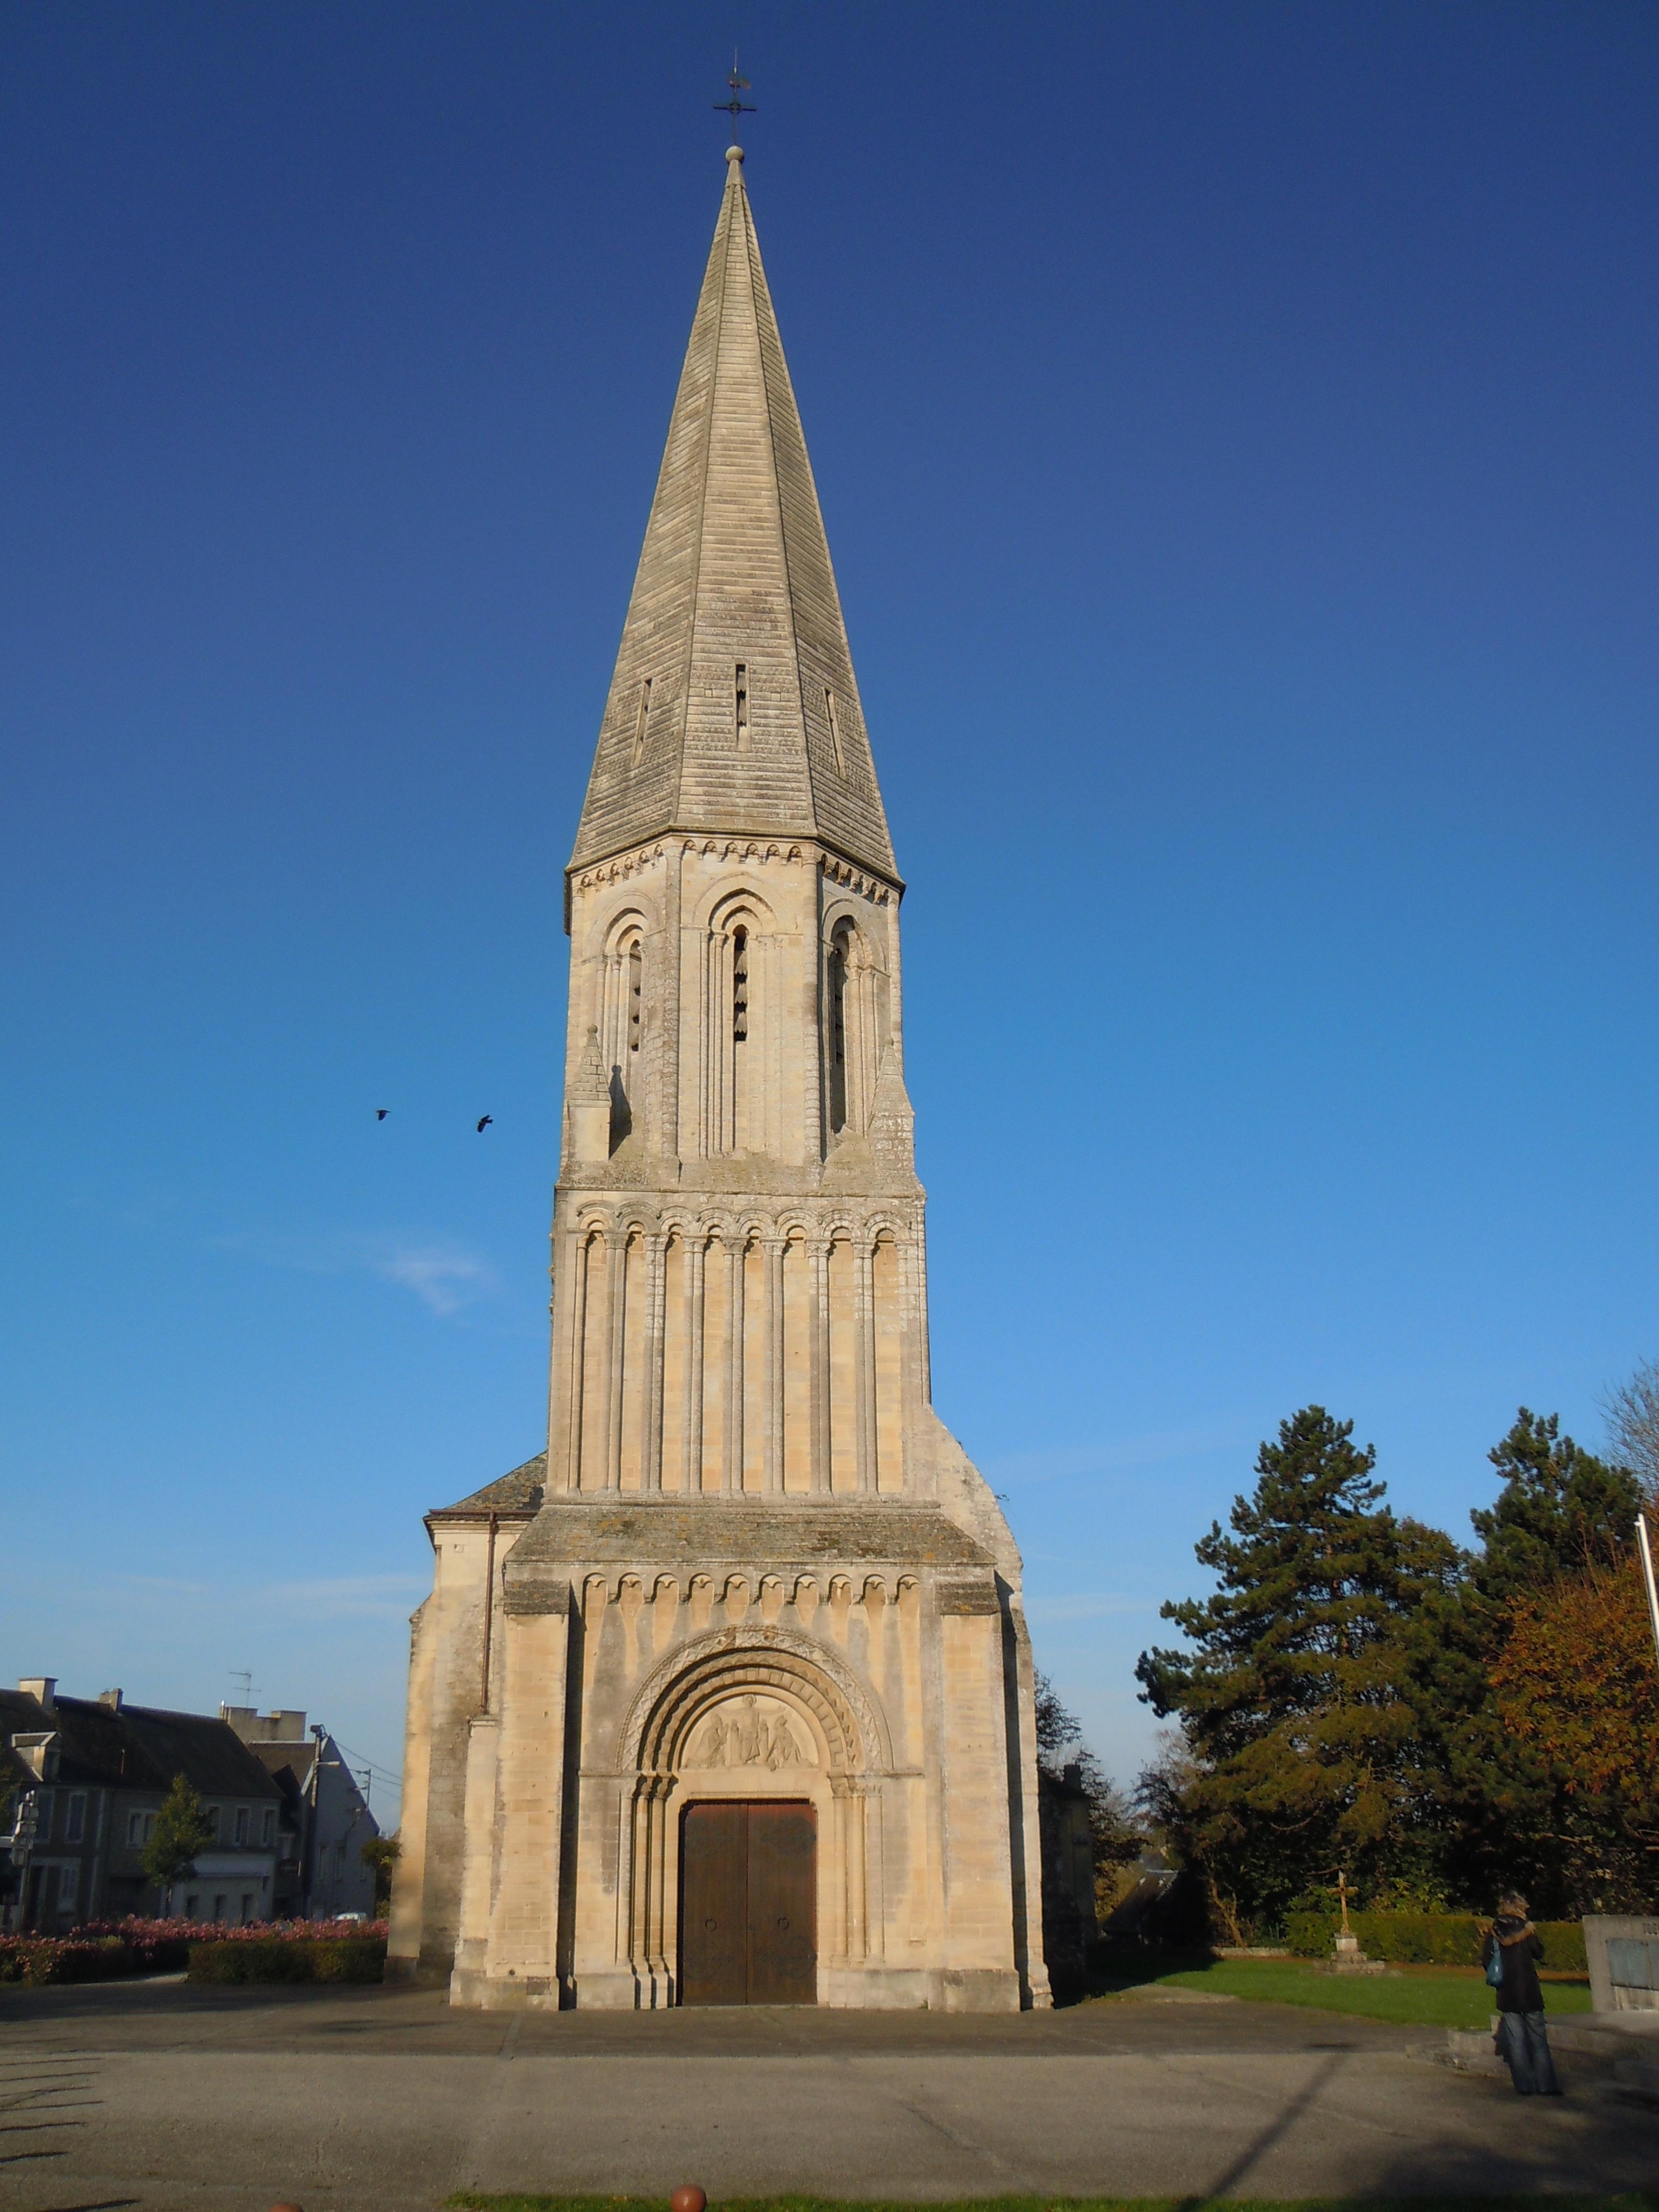 Narbonne Version 3 1: File:Clocher De L'église Saint-Aignan De Trévières.JPG